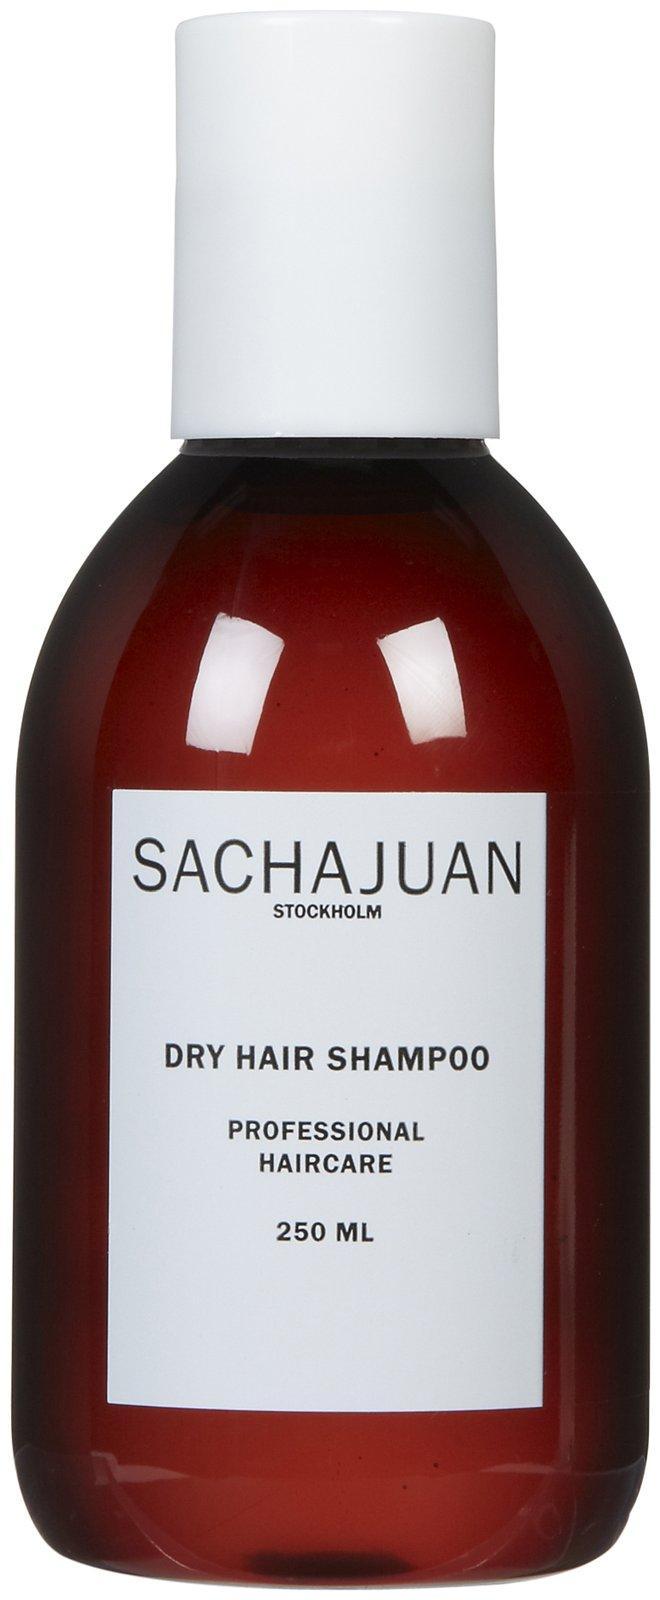 Sachajuan Dry Hair Shampoo